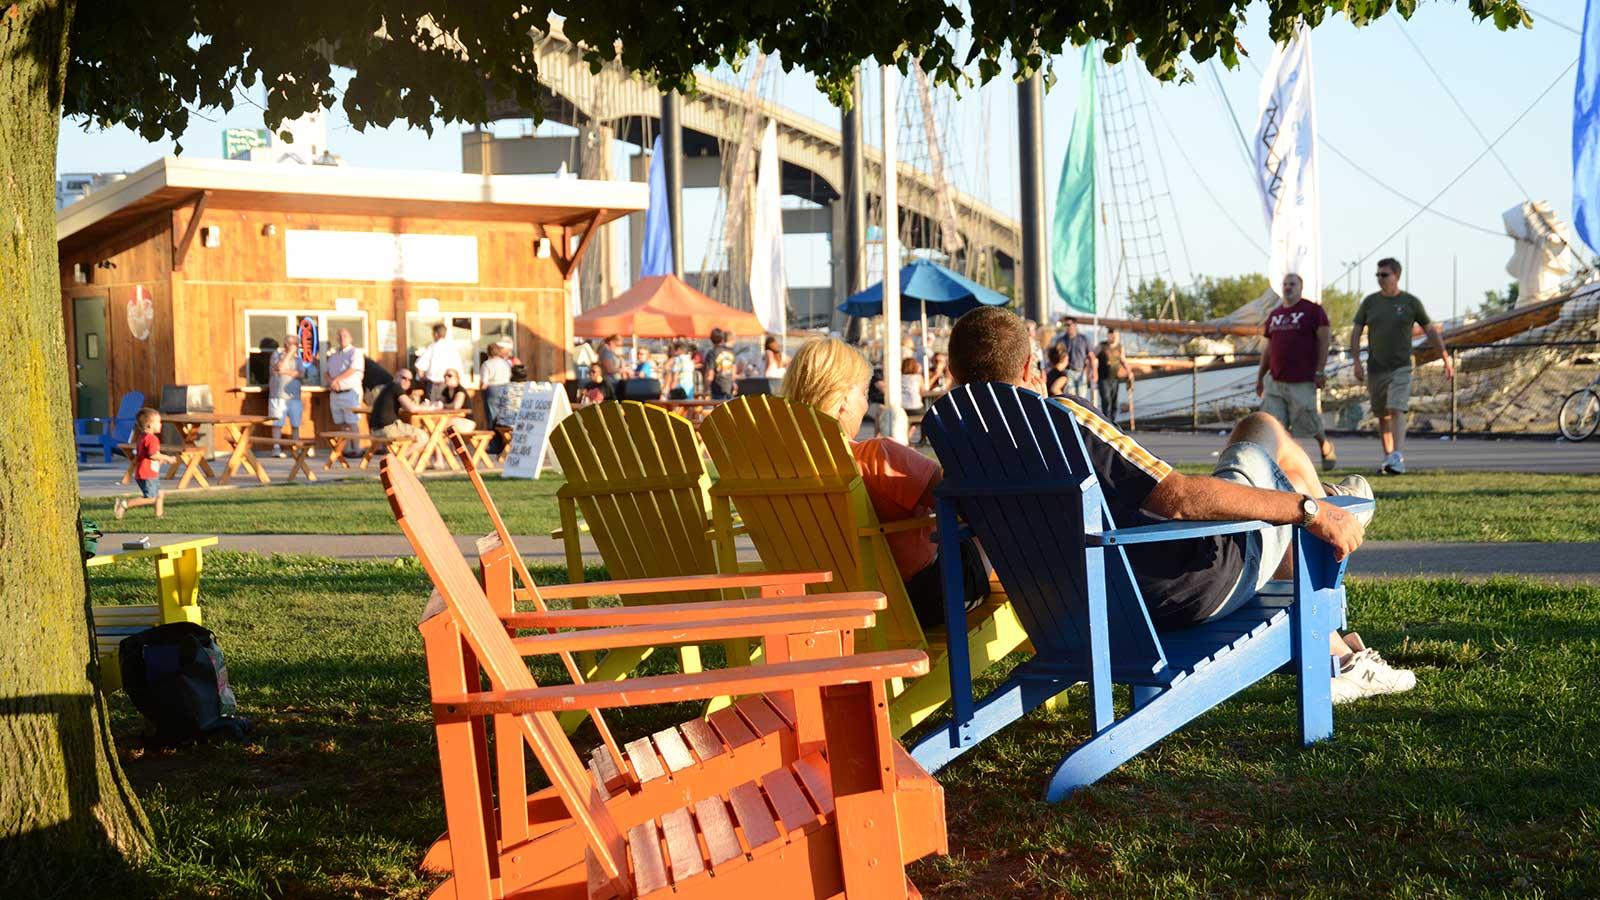 Free Fun At Canalside Visit Buffalo Niagara